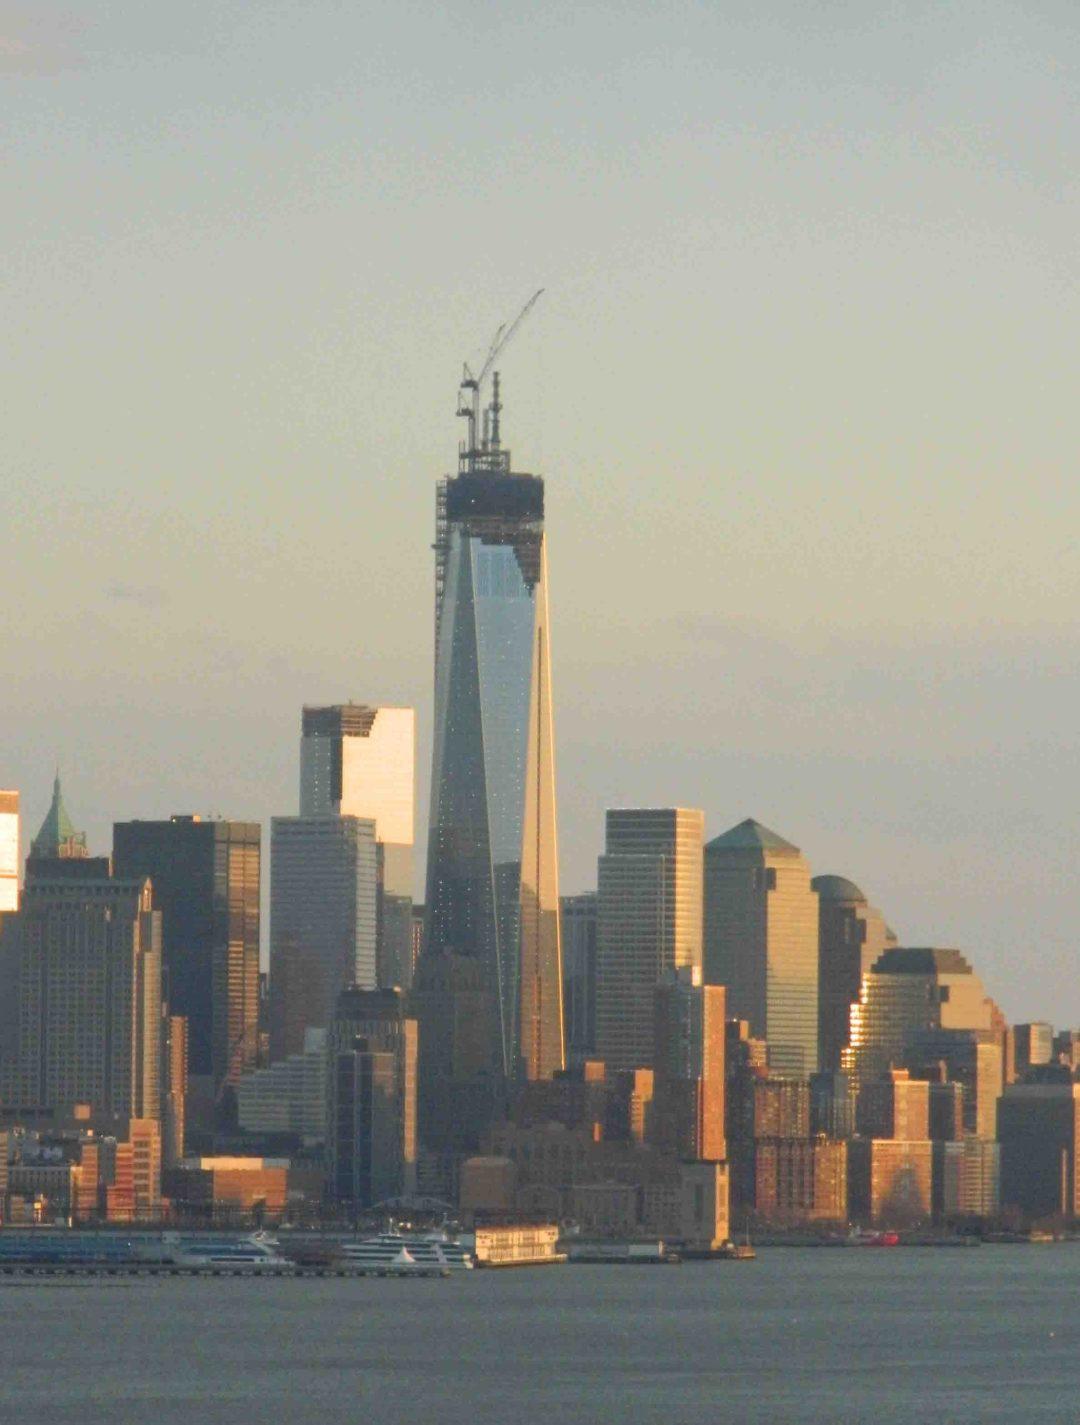 Vista de la Torre de la libertad que reemplaza a las Torres Gemelas destruidas en los atentados terroristas del 11 de septiembre de 2001 en Nueva York. Al atardecer la luz naranja se refleja en su estructura (Foto Nueva York Digital)